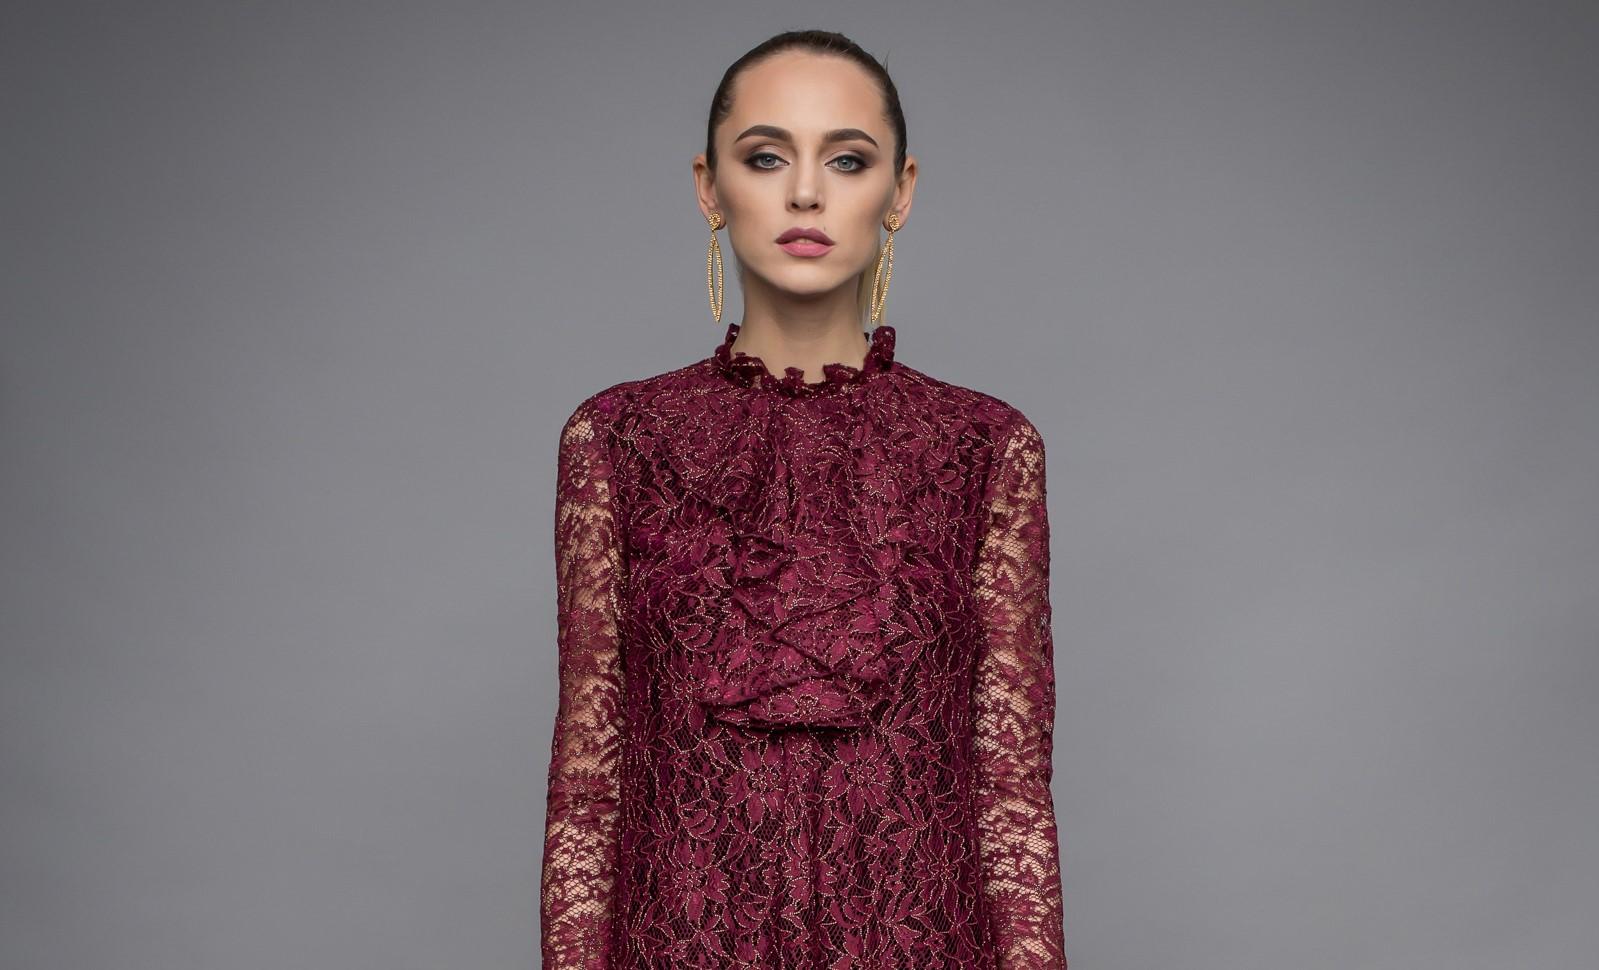 Zakochaj się w modzie! Walentynkowa kolekcja NISSA